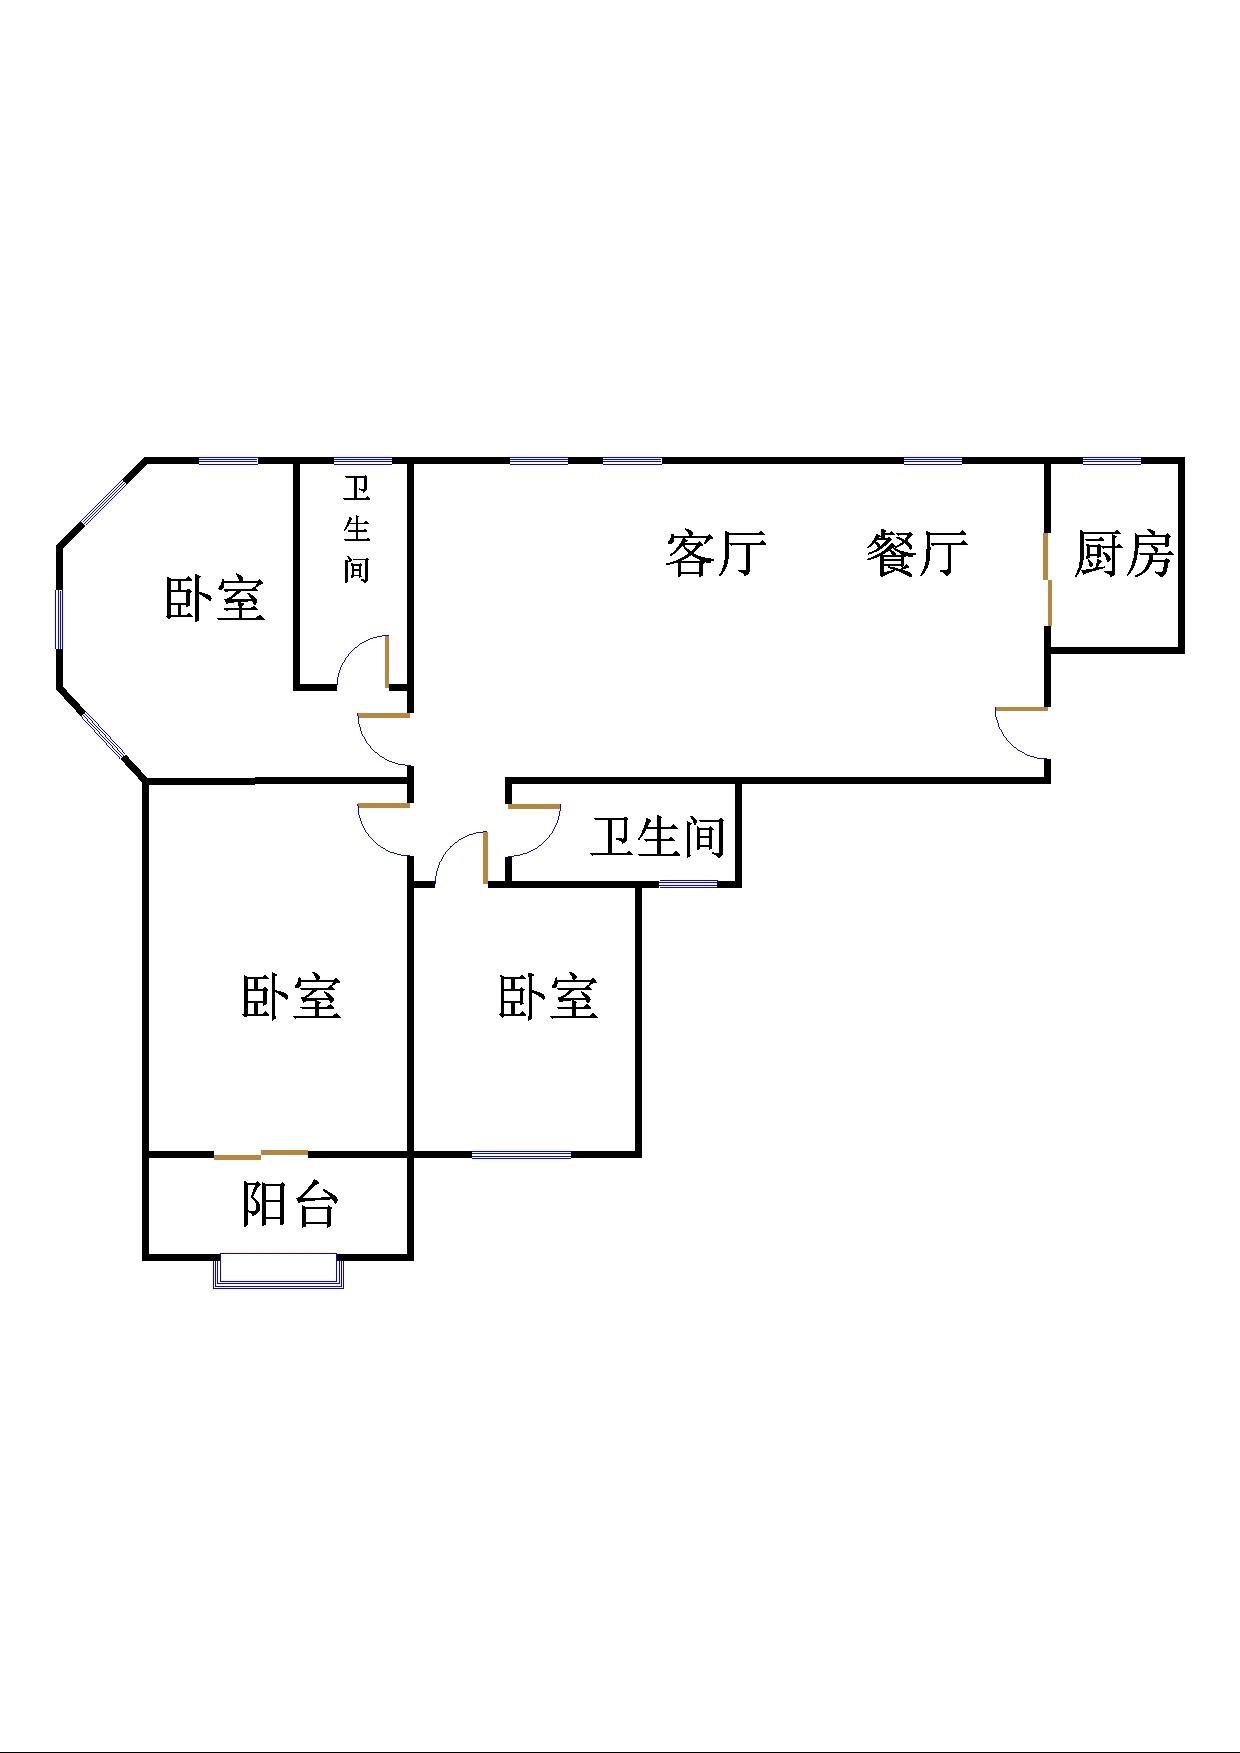 玫瑰公馆 3室2厅 14楼